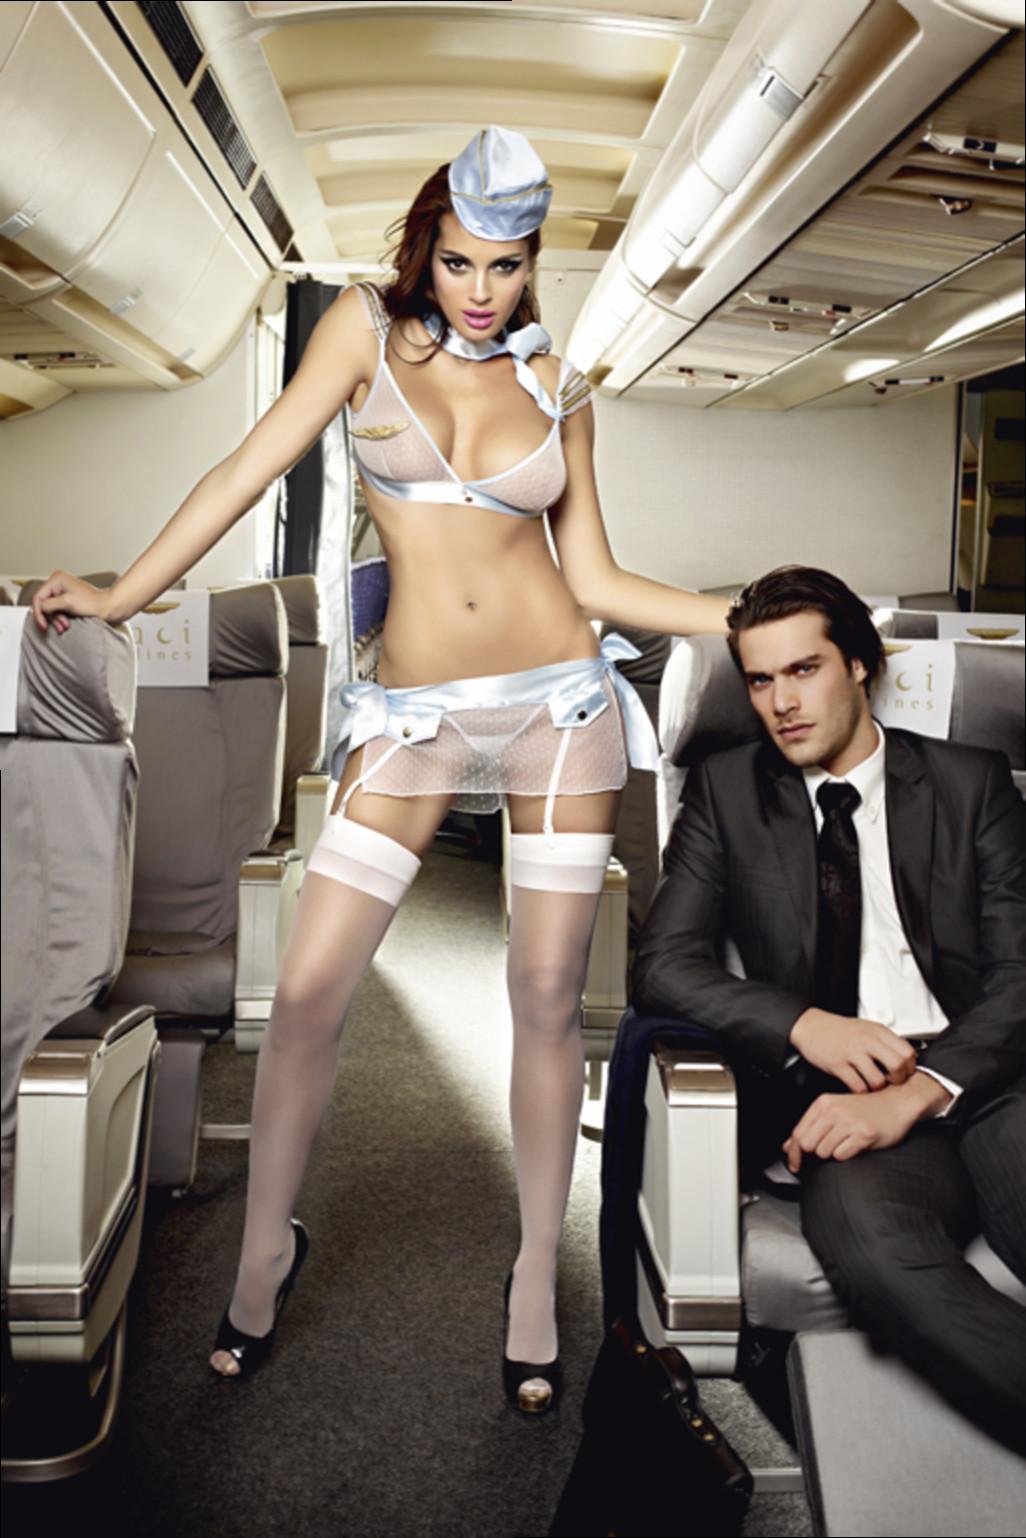 Сексуальная стюардесса @ m1bar.com